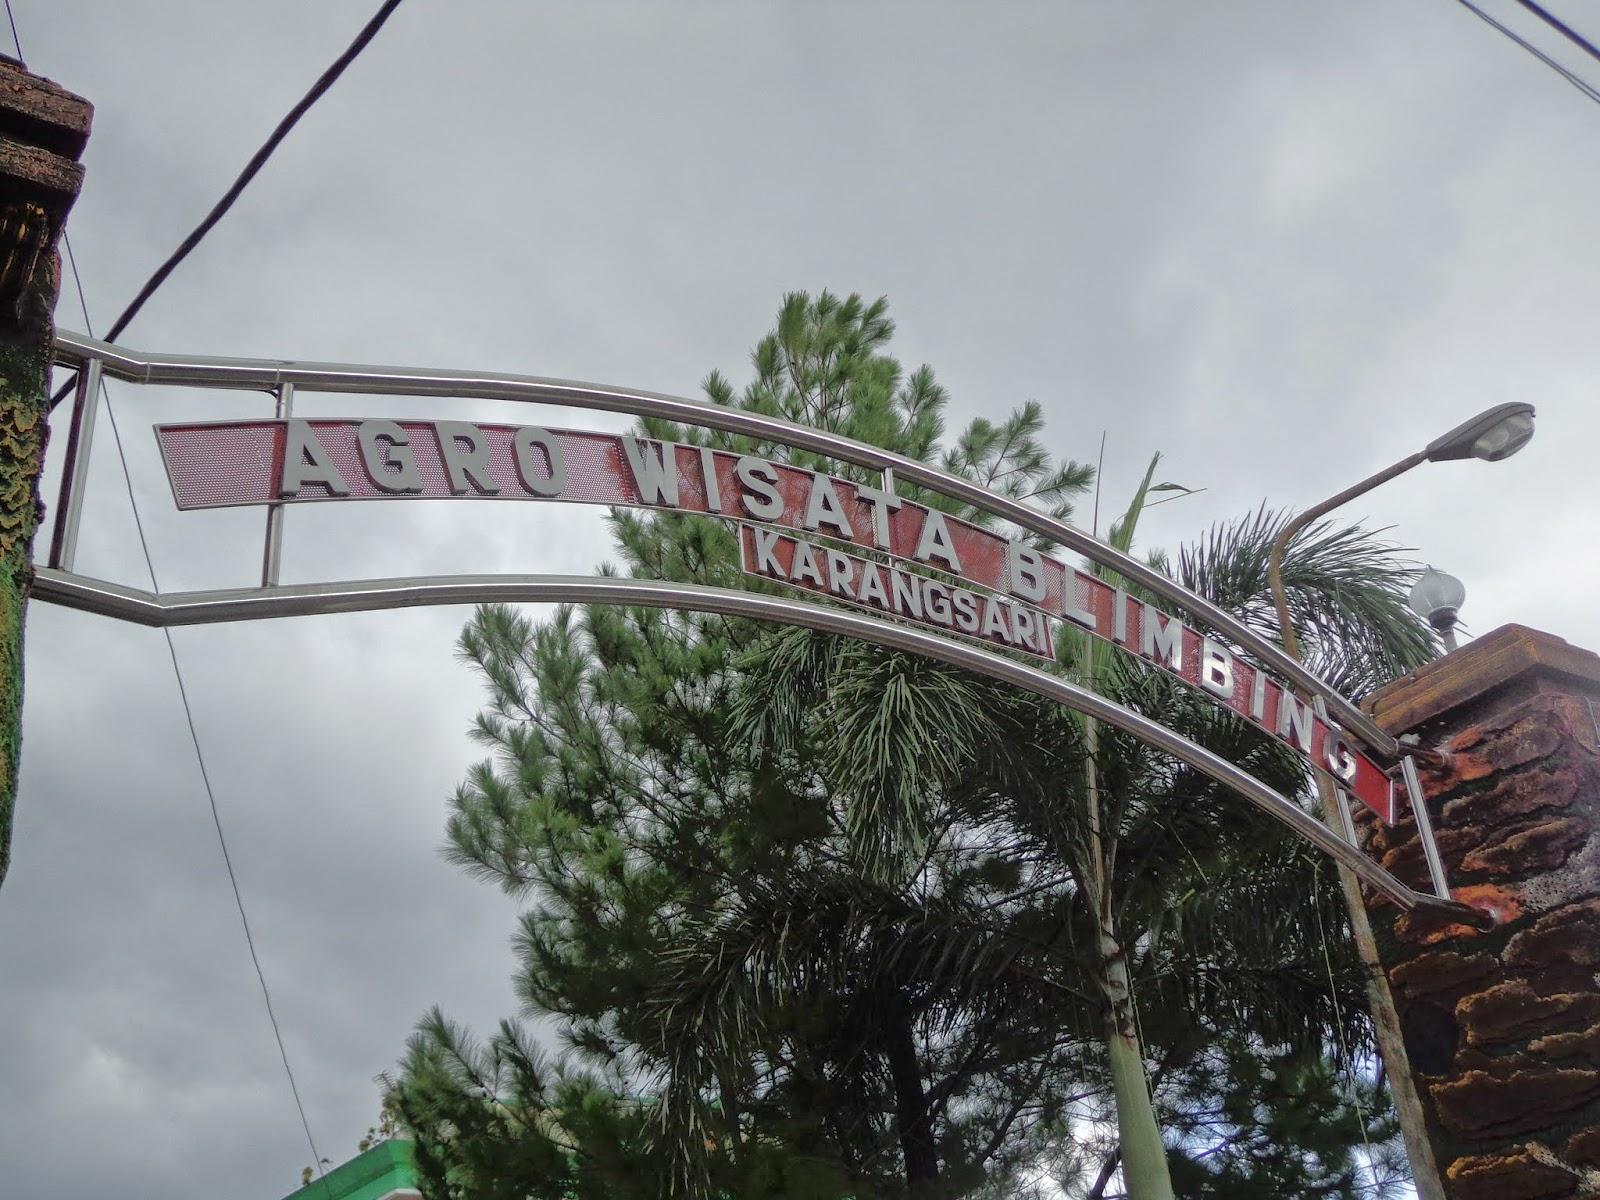 Agrowisata Blitar Wisata Jeruk Belimbing Karangsari Kab